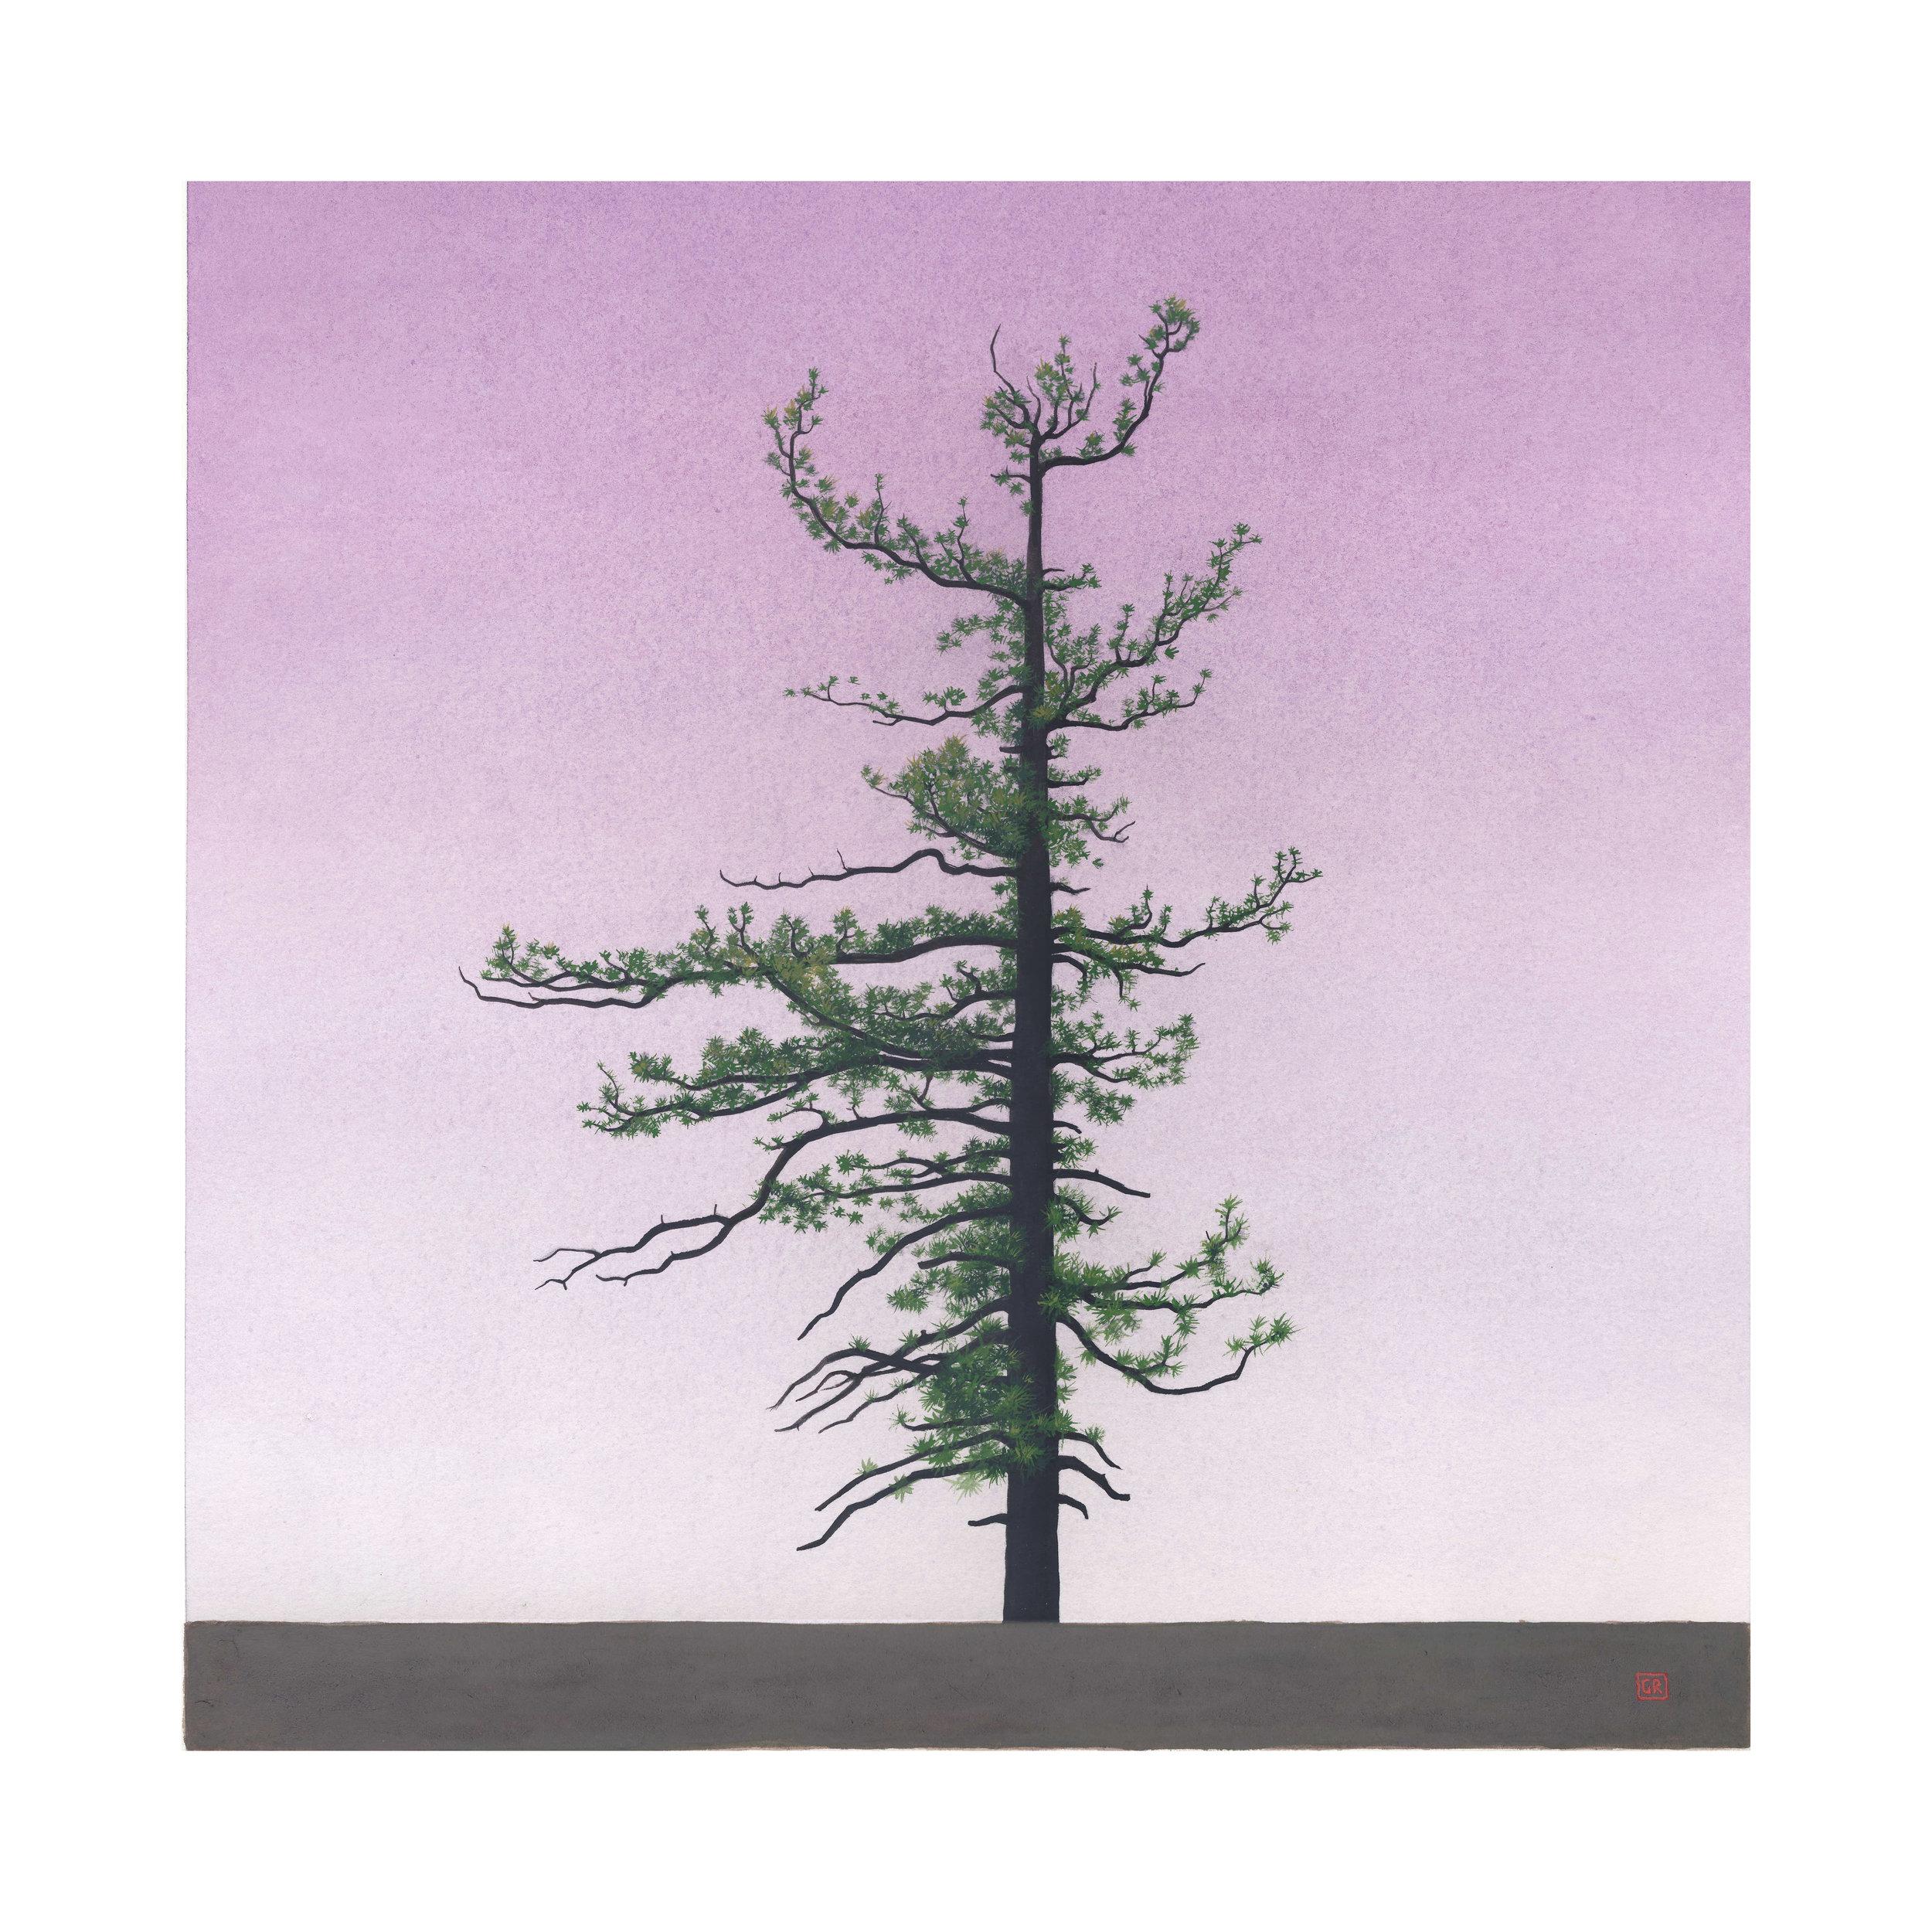 GRose_Tree(34˚20.374'N118˚0.816'W).jpg